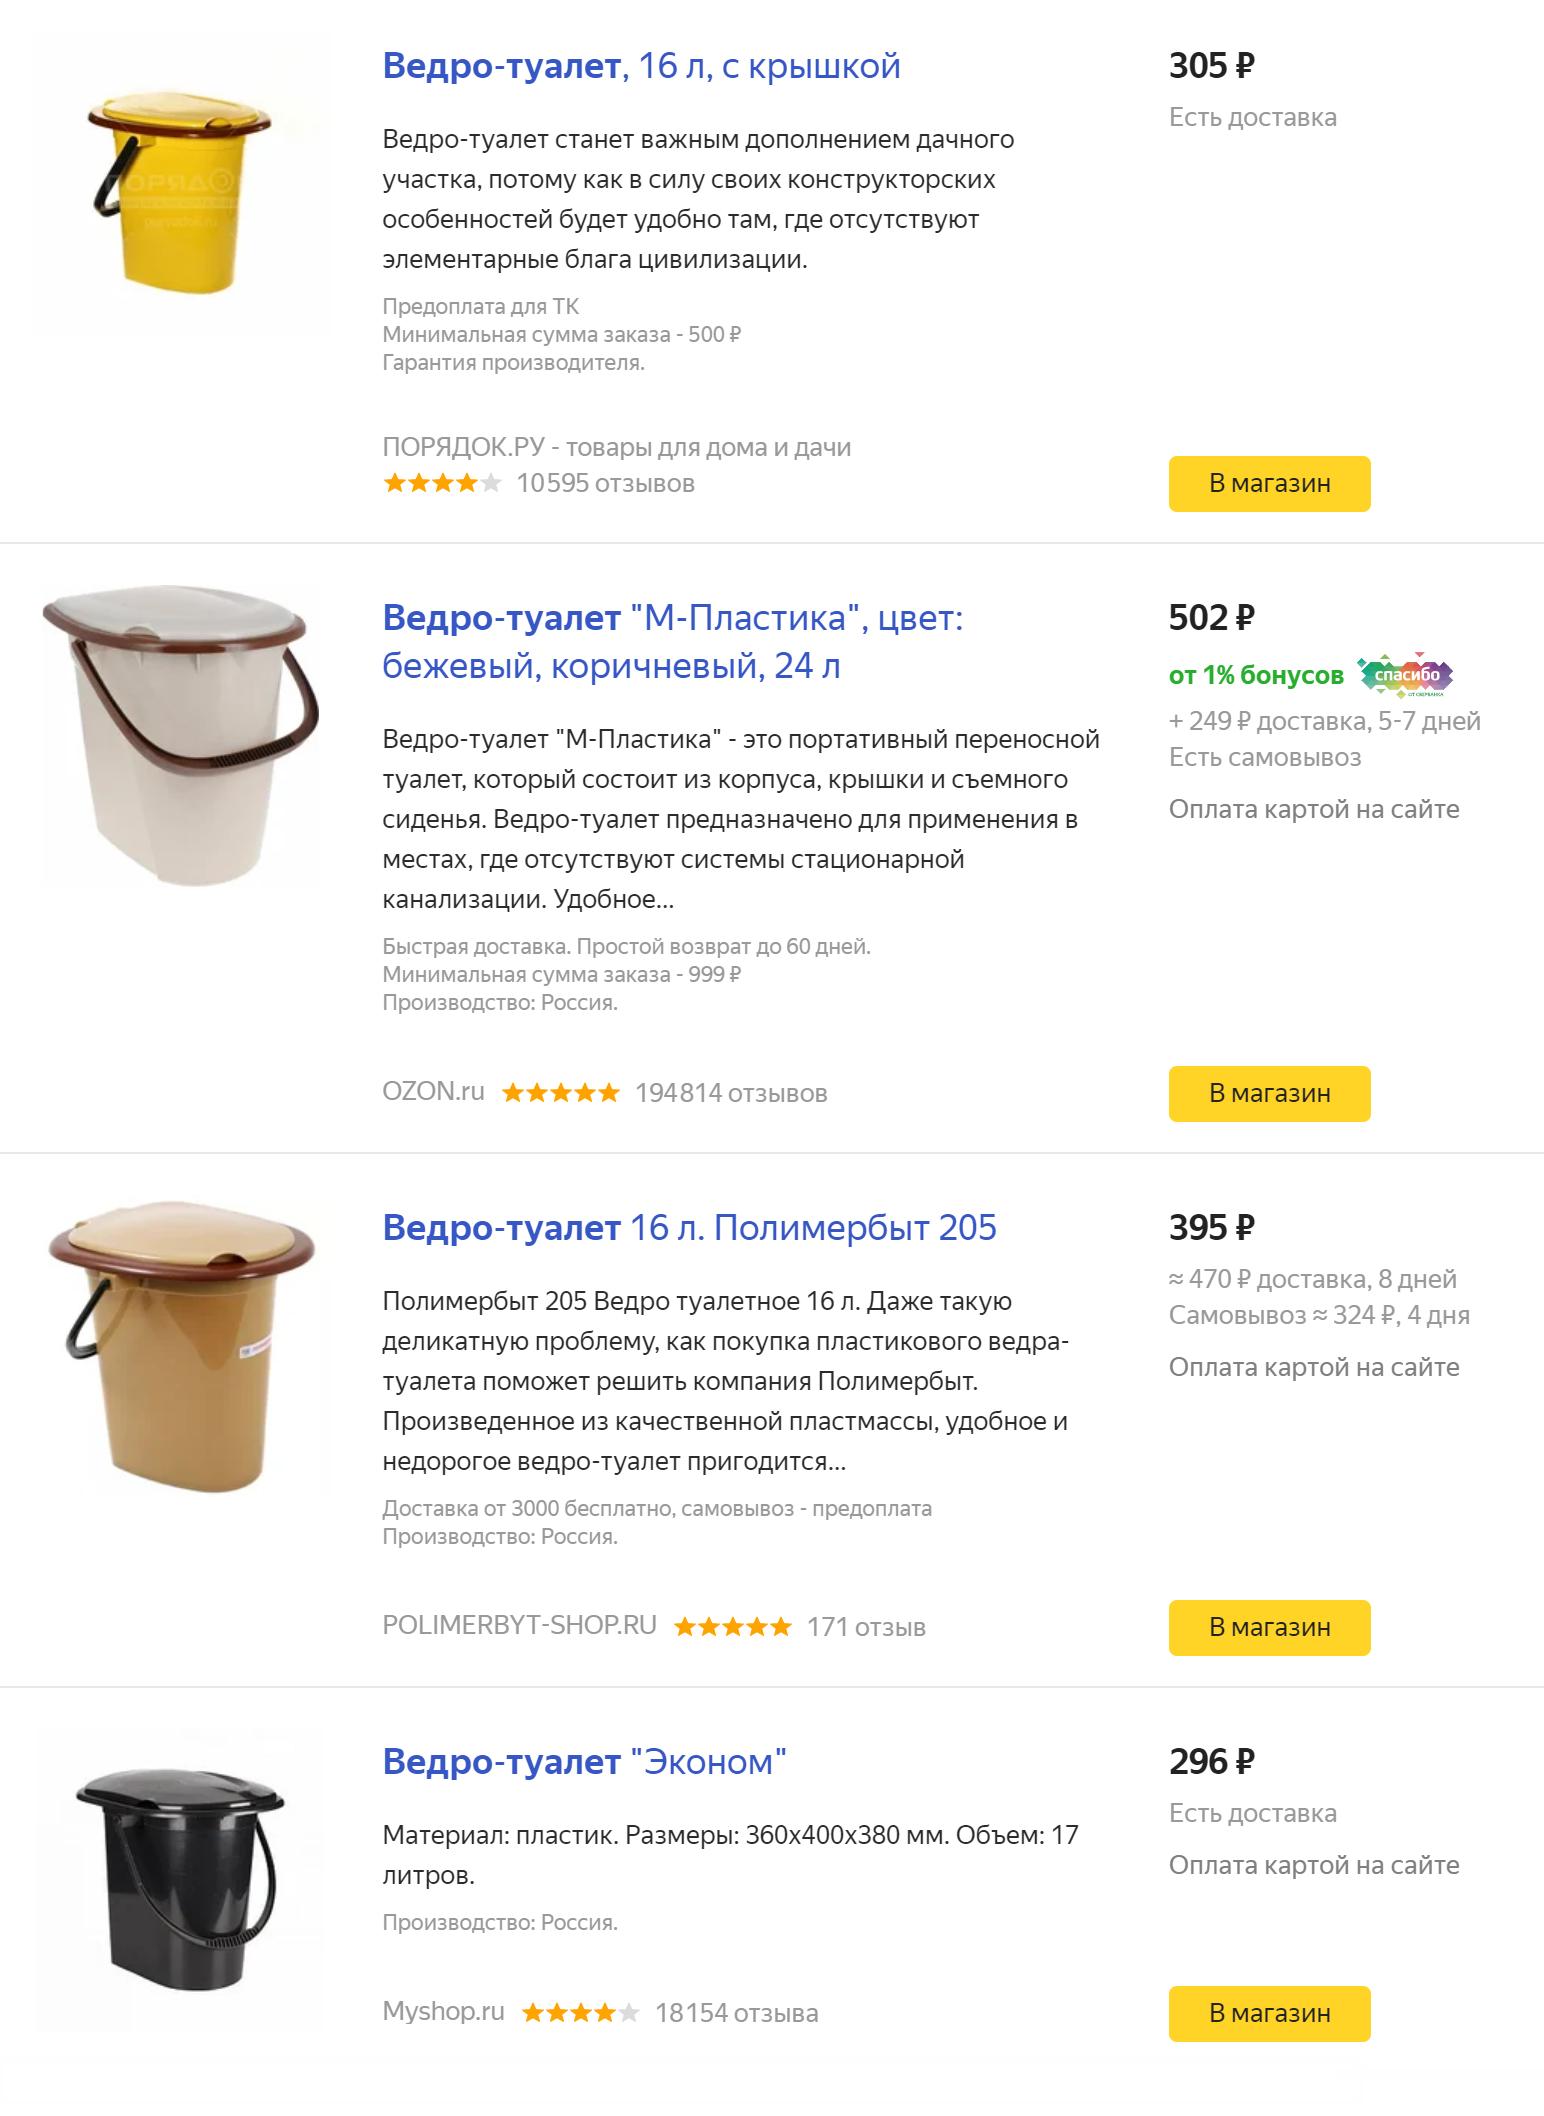 Вот такой разброс цен наведро-туалет предлагает «Яндекс-маркет». Мыже купили свое вближайшем магазине, а там что привезли, тои берешь. Никакой проблемы выбора!